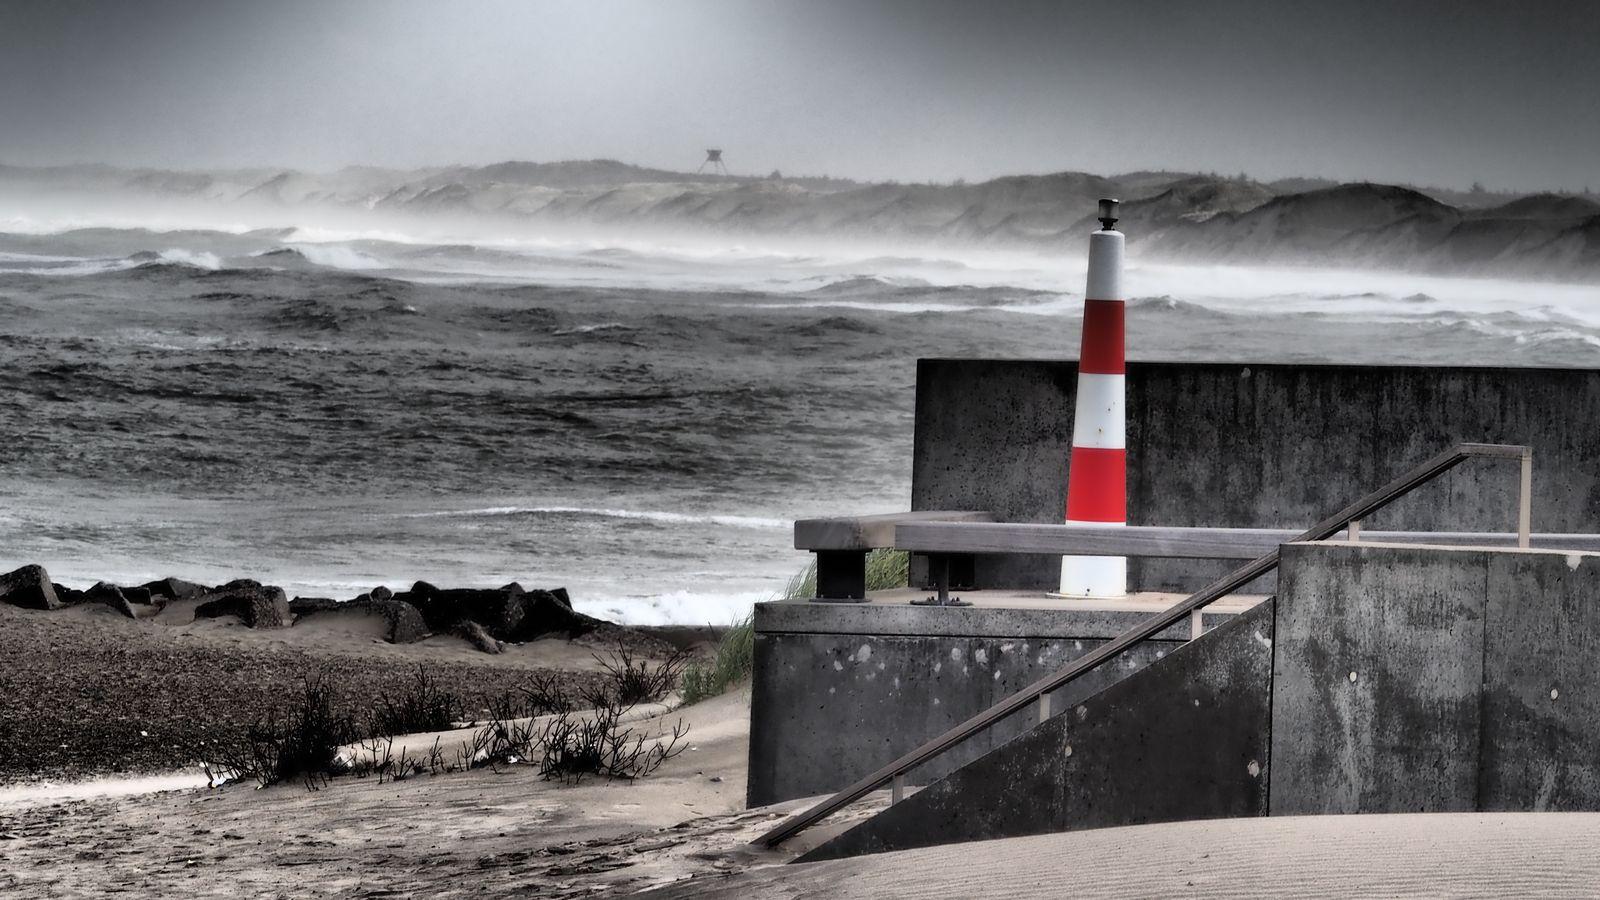 extremer Sturm an der Westküste Dänemarks